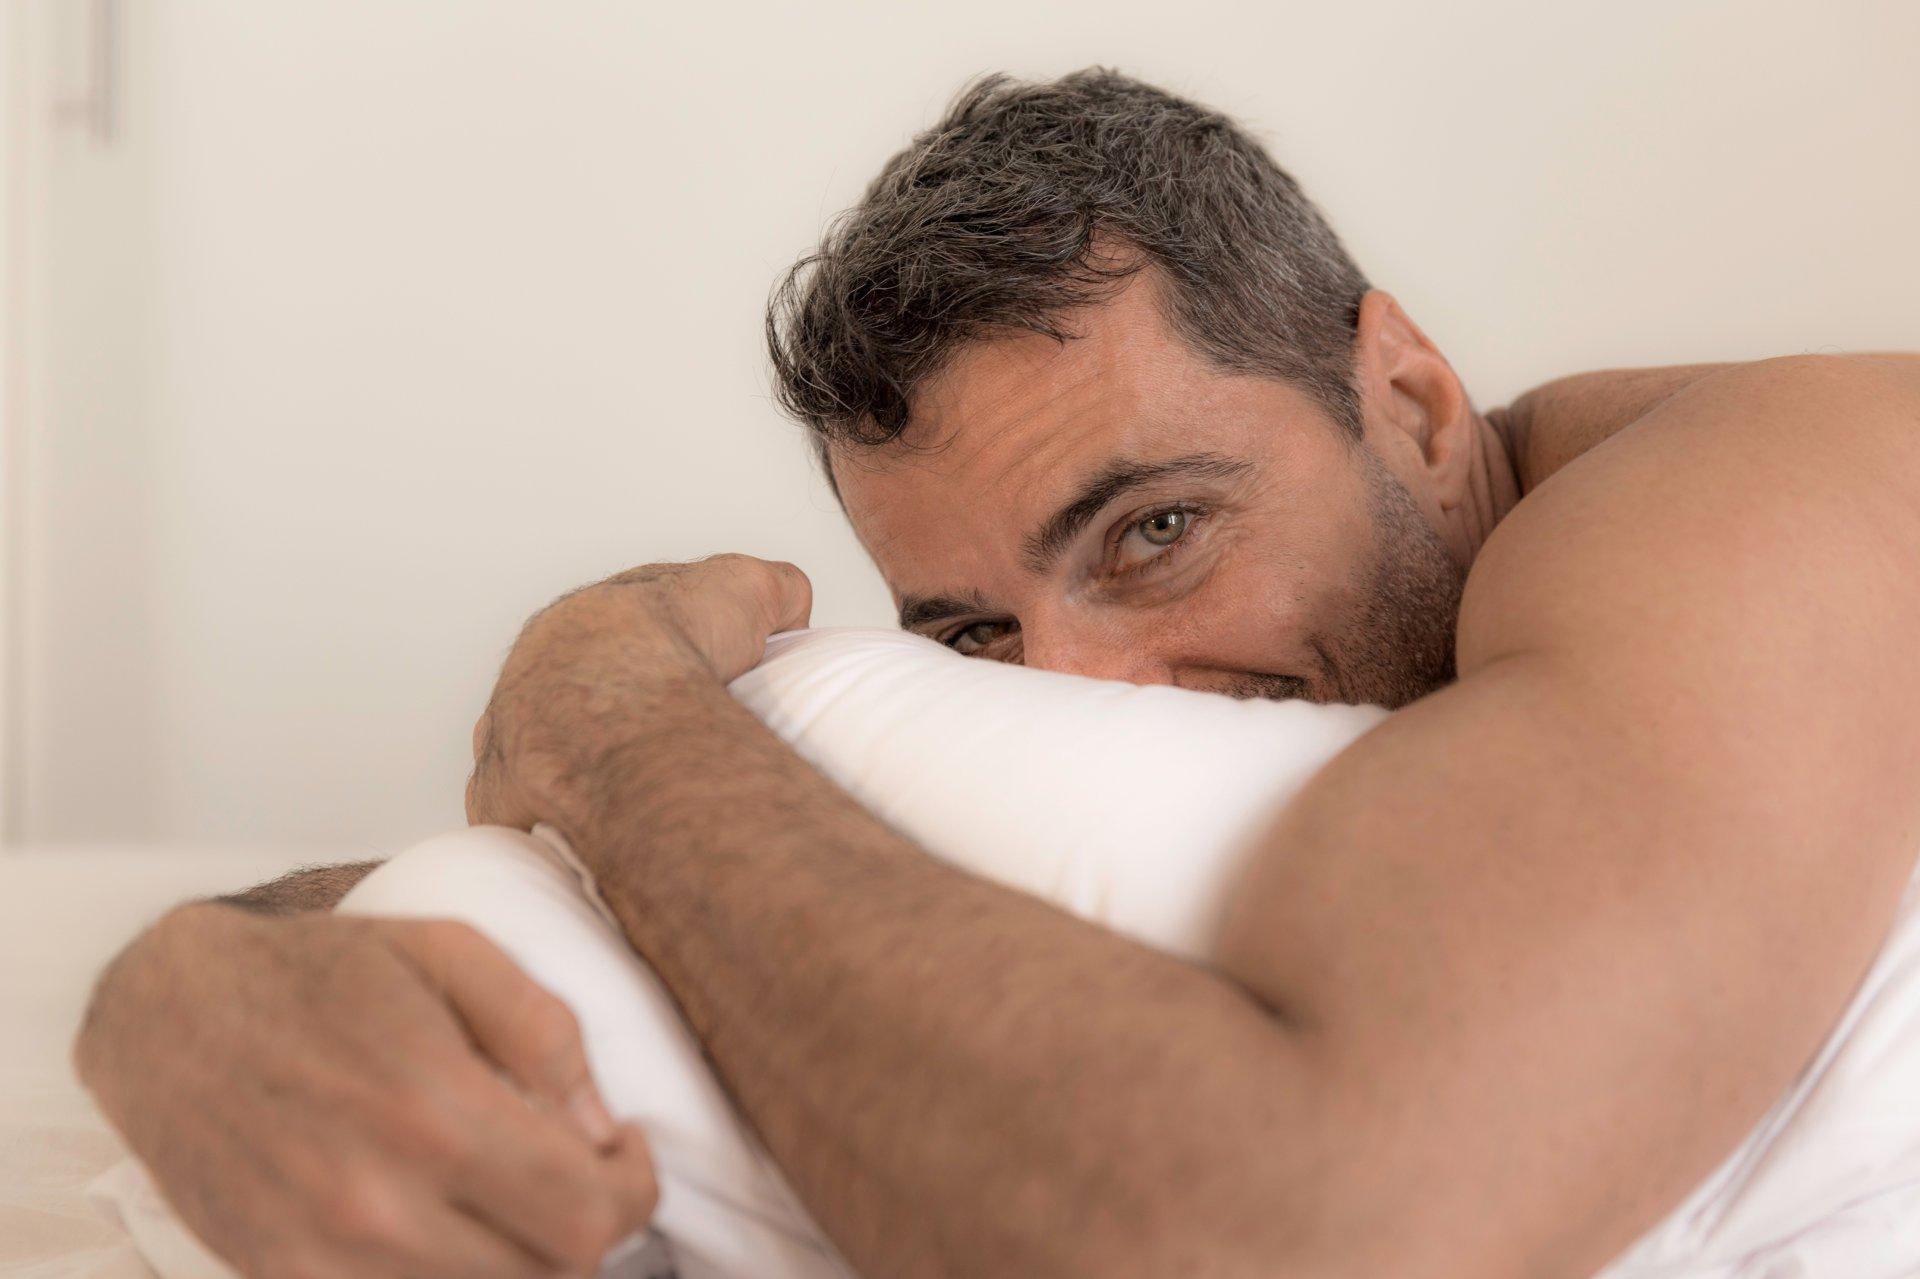 video kaip padidinti nario masaza erekcijos ir ejakuliacijos centrai